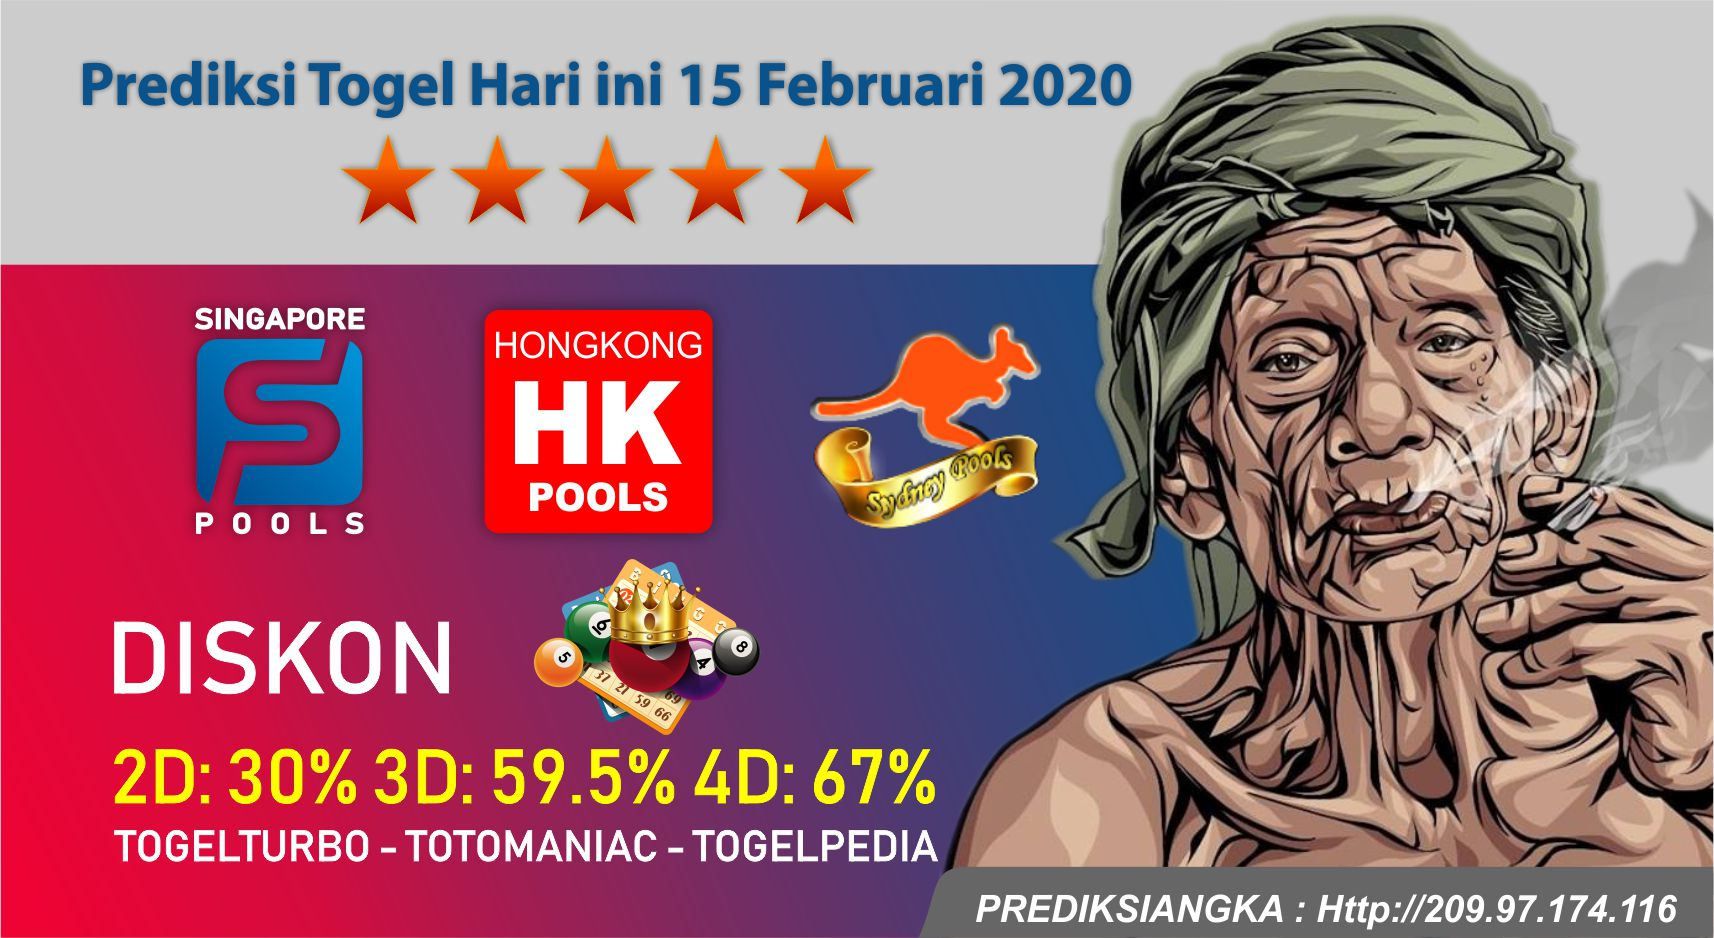 Prediksi Togel Hari ini 15 Februari 2020